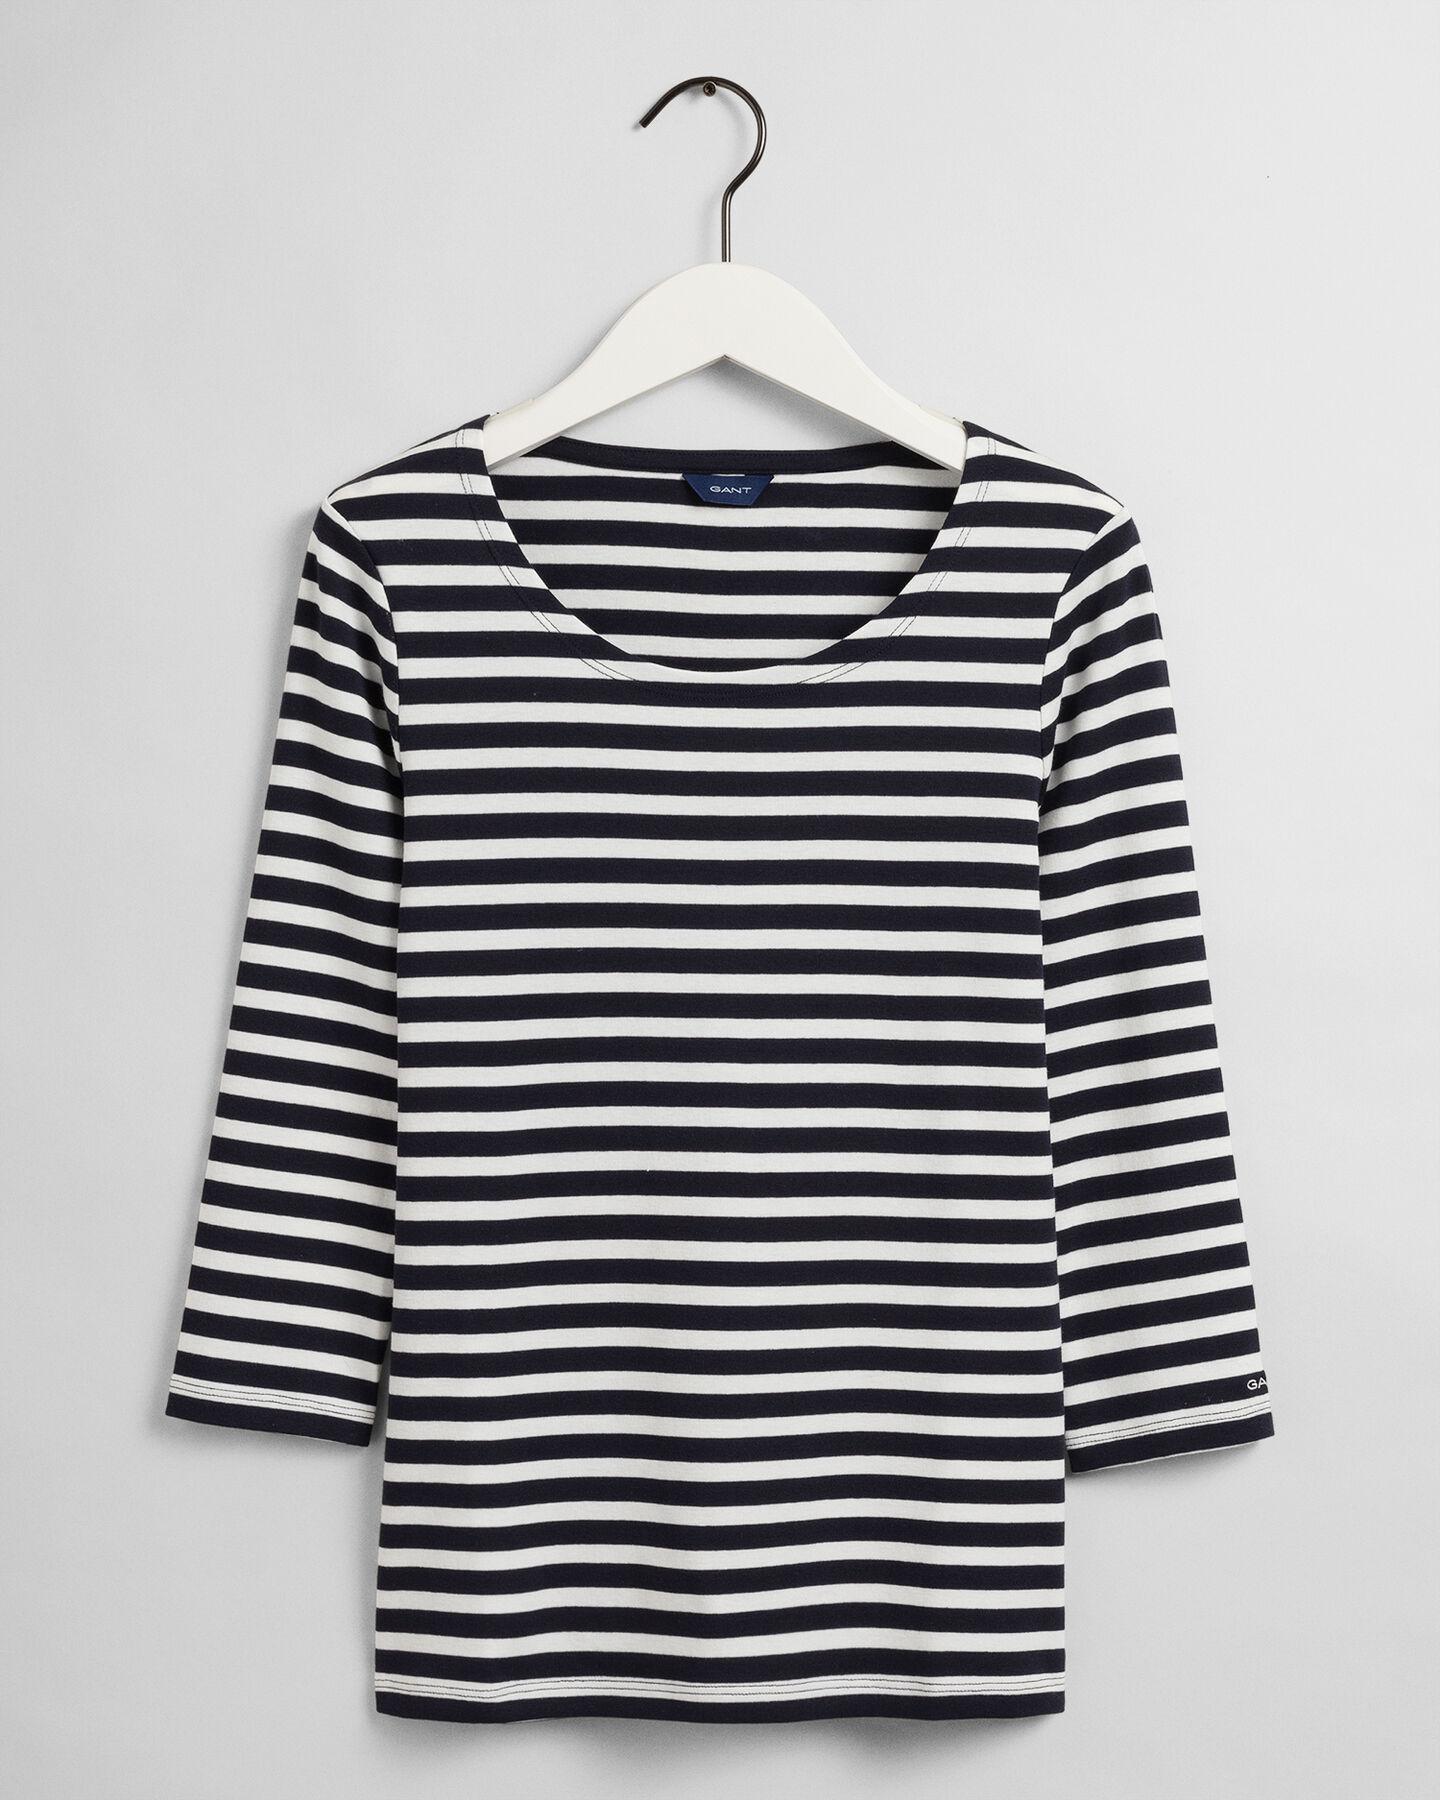 3/4-Sleeve Striped Rib T-Shirt